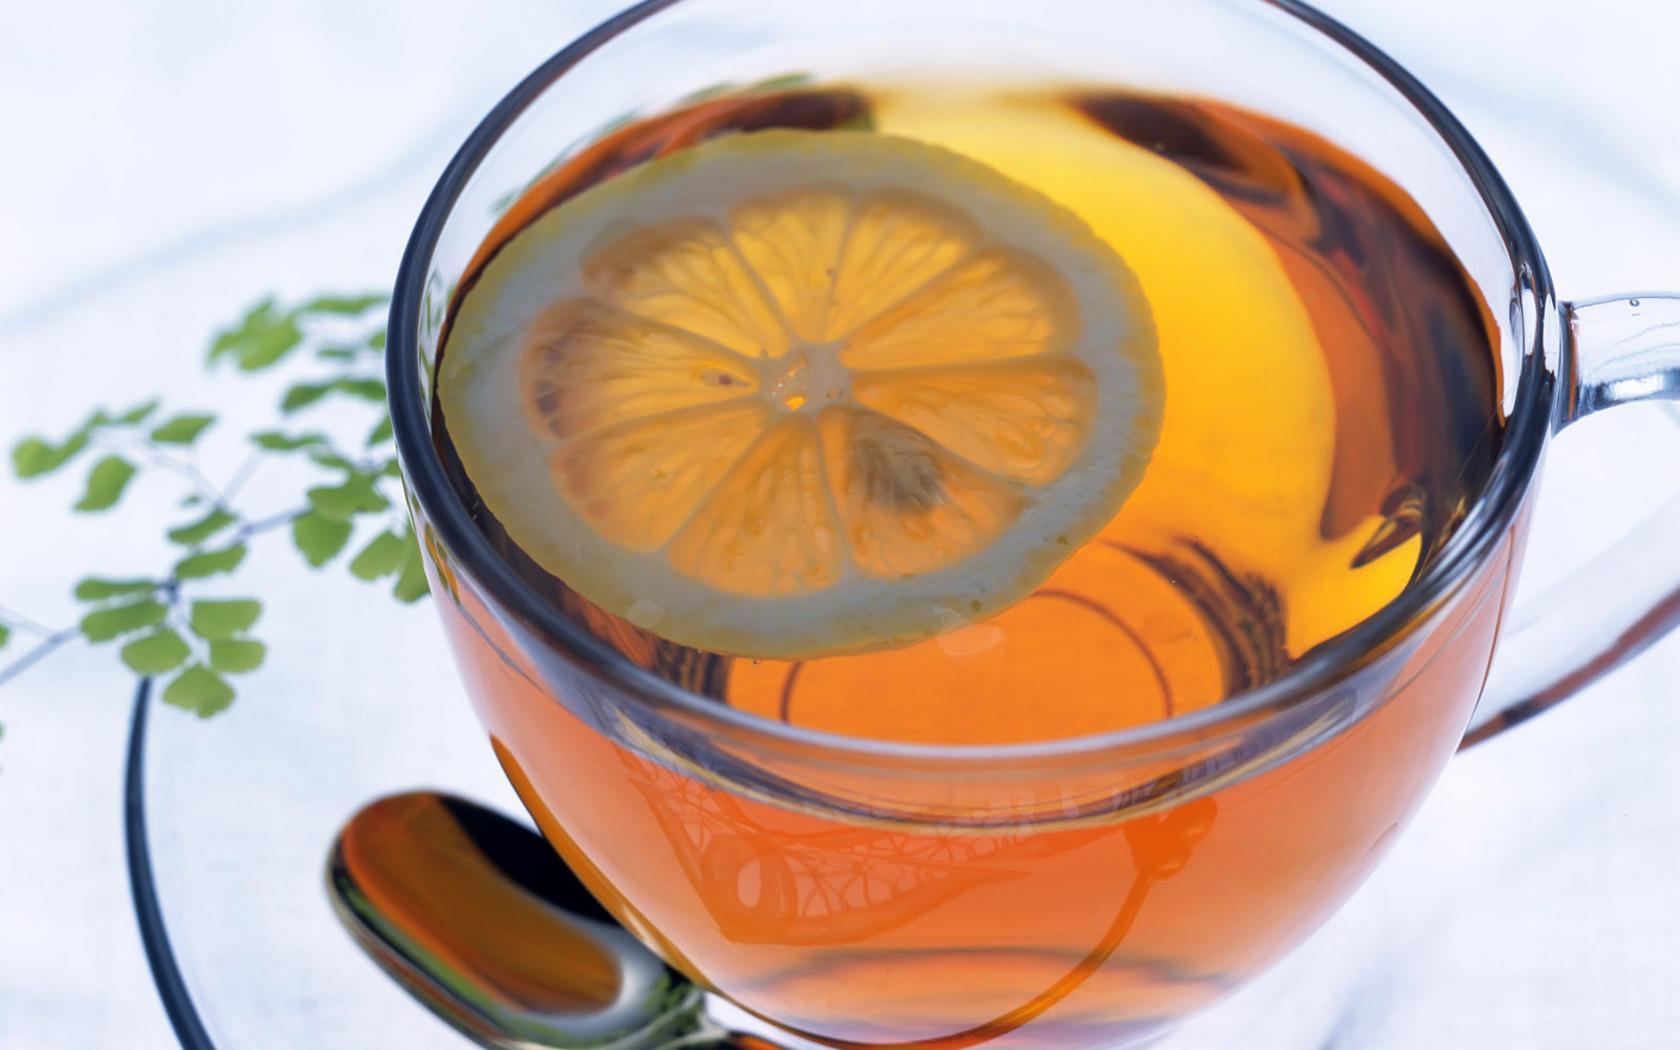 чай с лимоном вред или польза